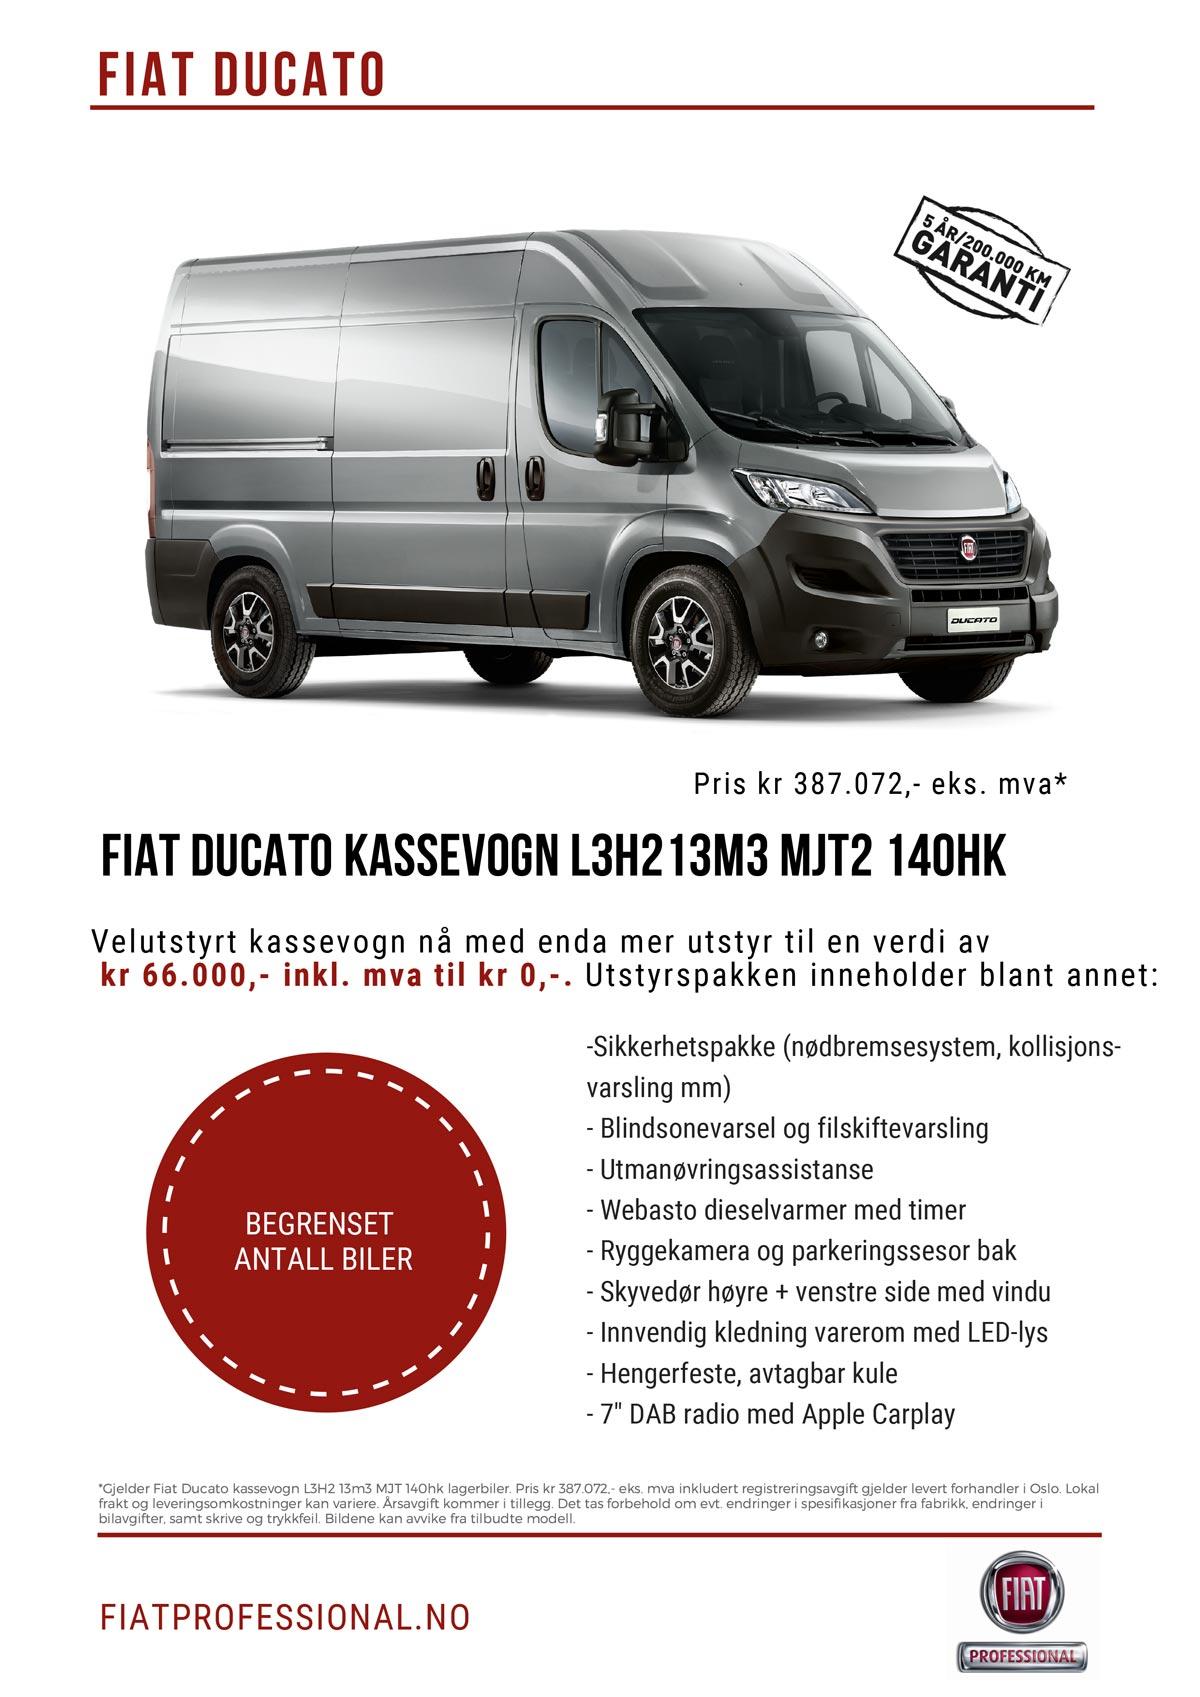 Fiat Ducato kampanje